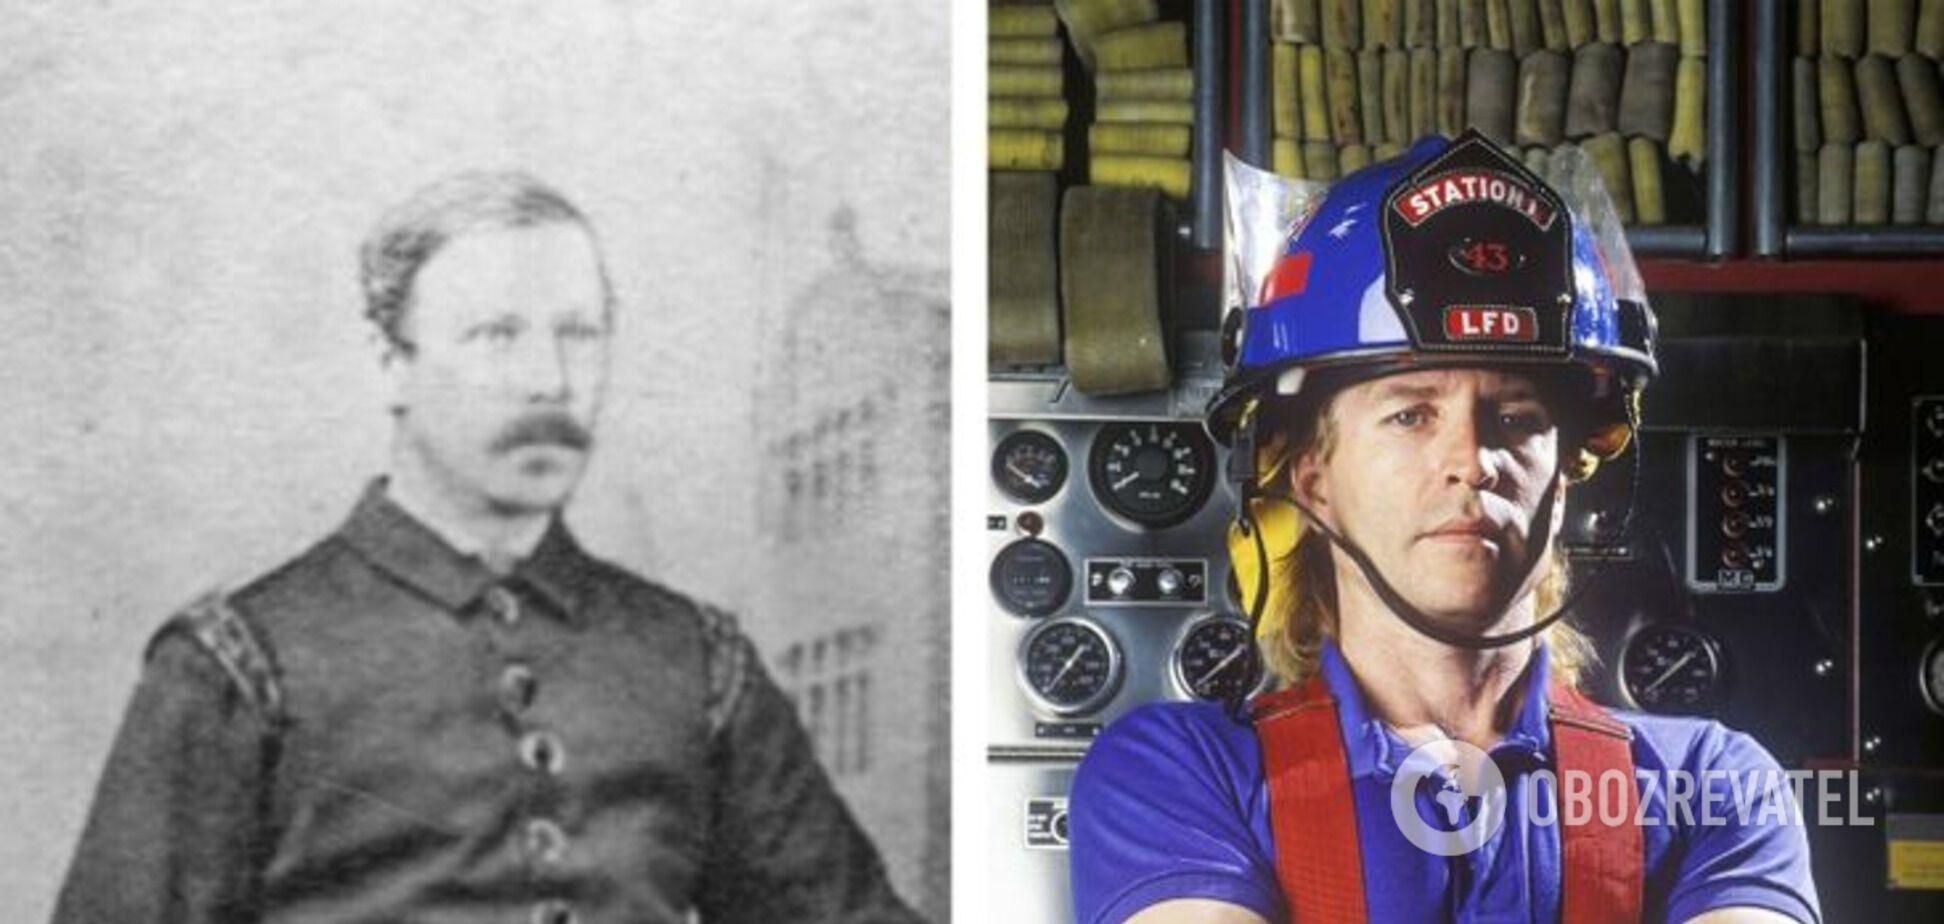 Пожарный 200 лет назад отличается от современного.